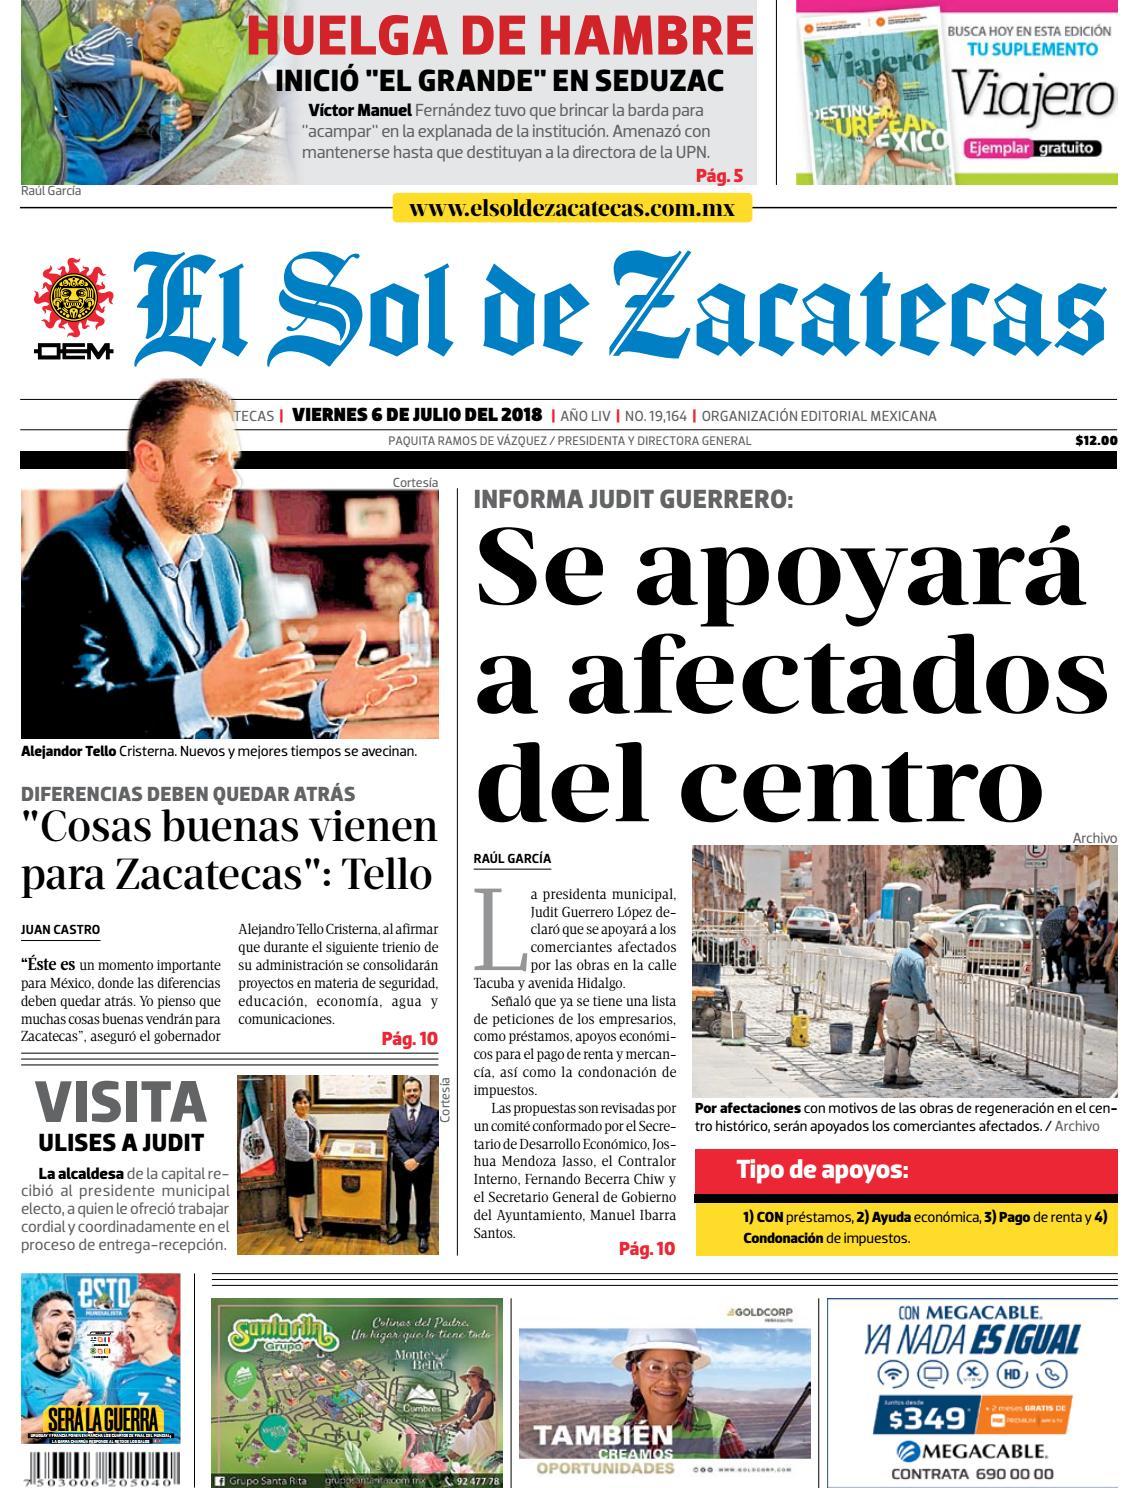 El Sol de Zacatecas 6 de julio 2018 by El Sol de Zacatecas - issuu b63680a317a